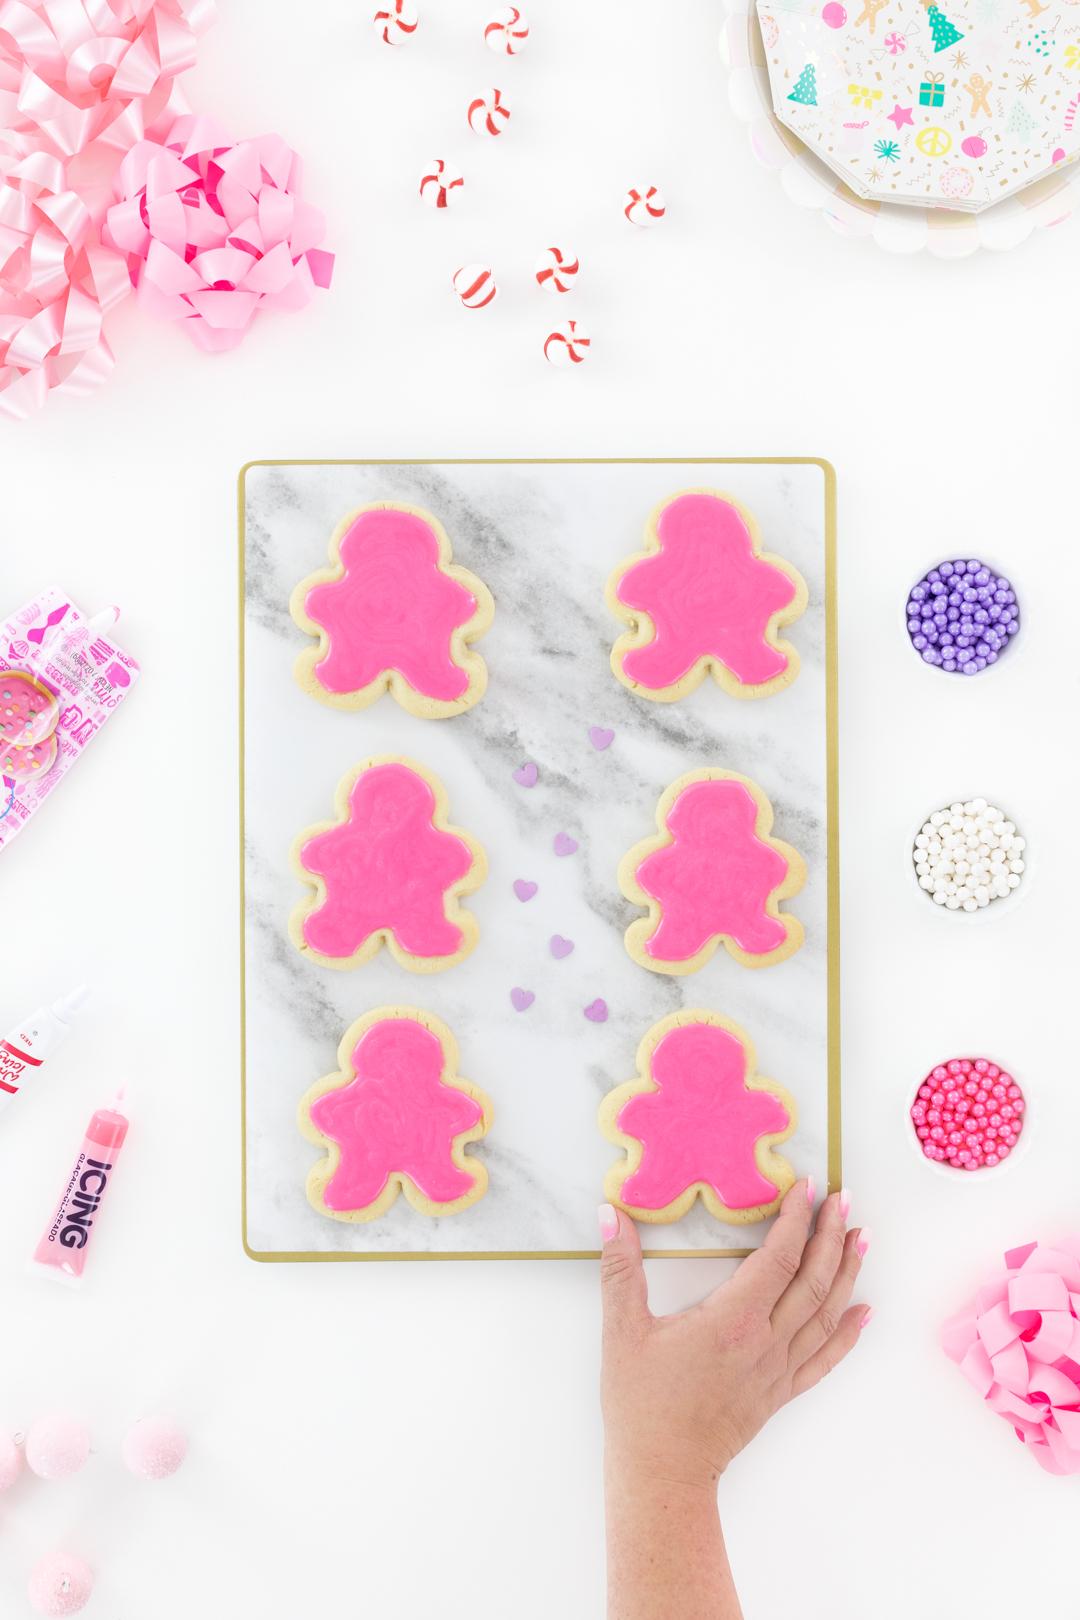 pink iced sugar cookies